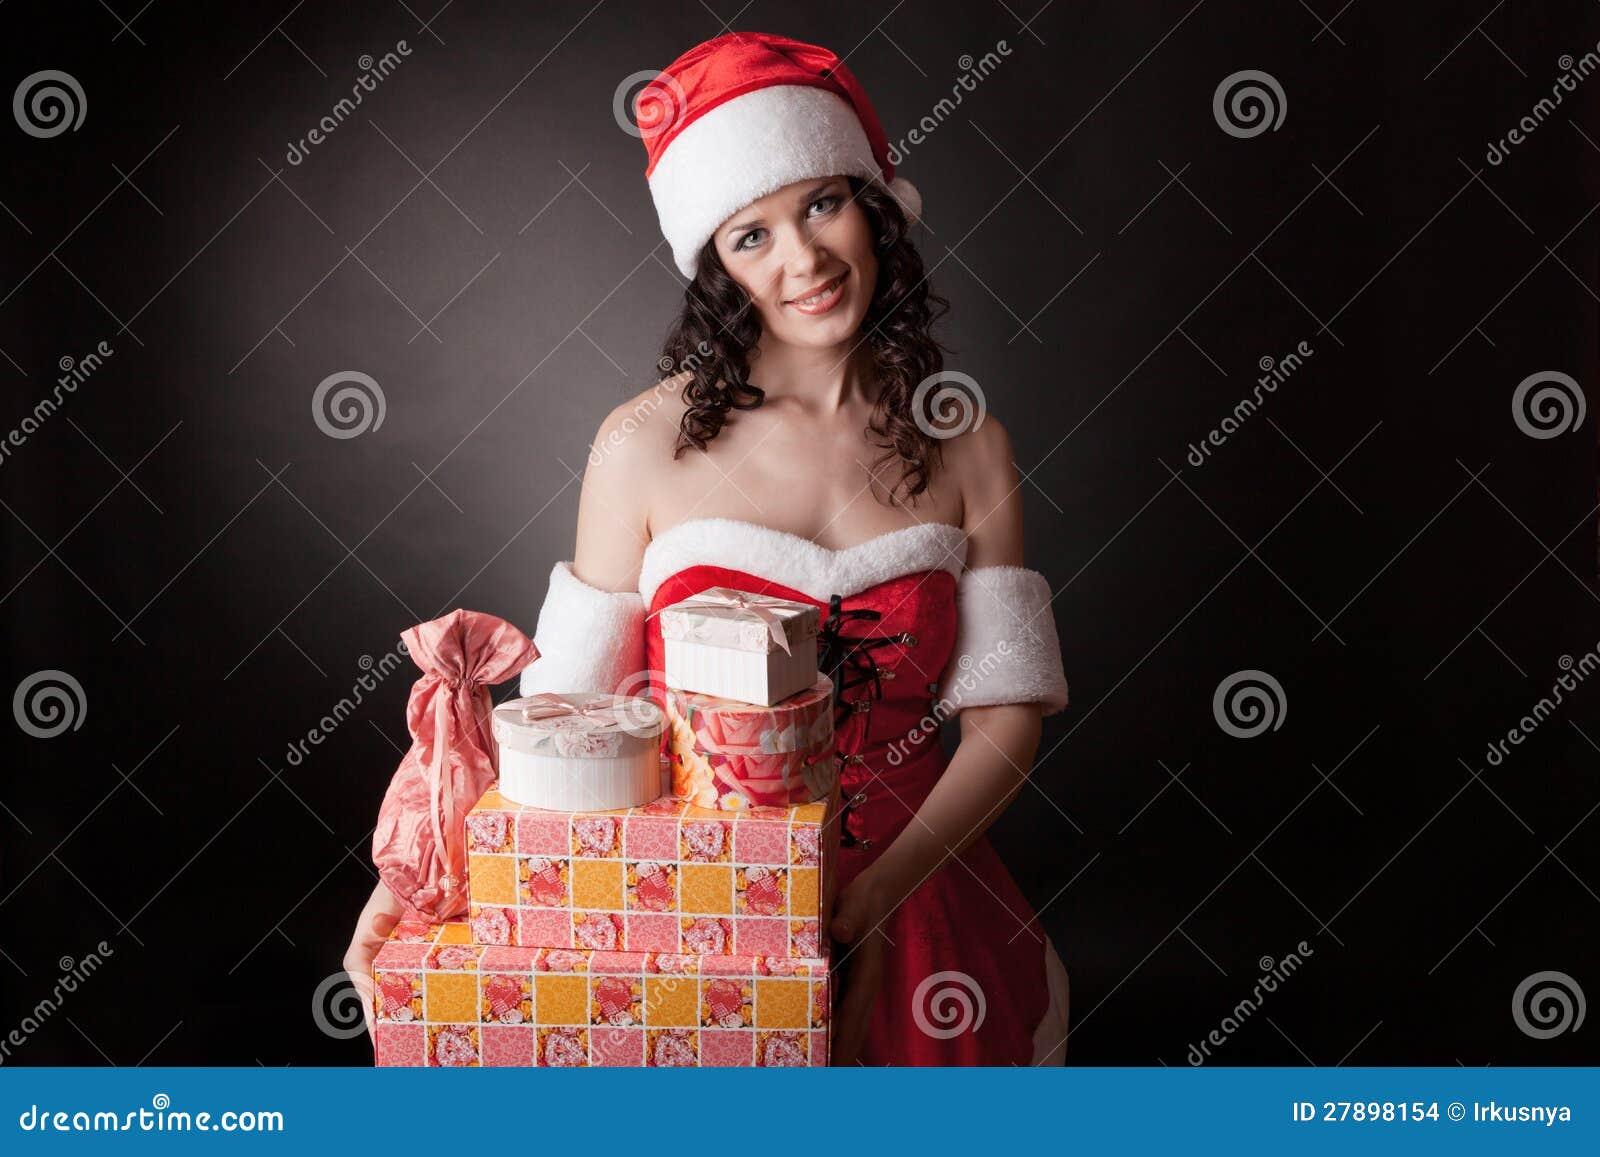 Sankt-Mädchen Ist Holding Weihnachtsgeschenke. Stockfoto - Bild von ...